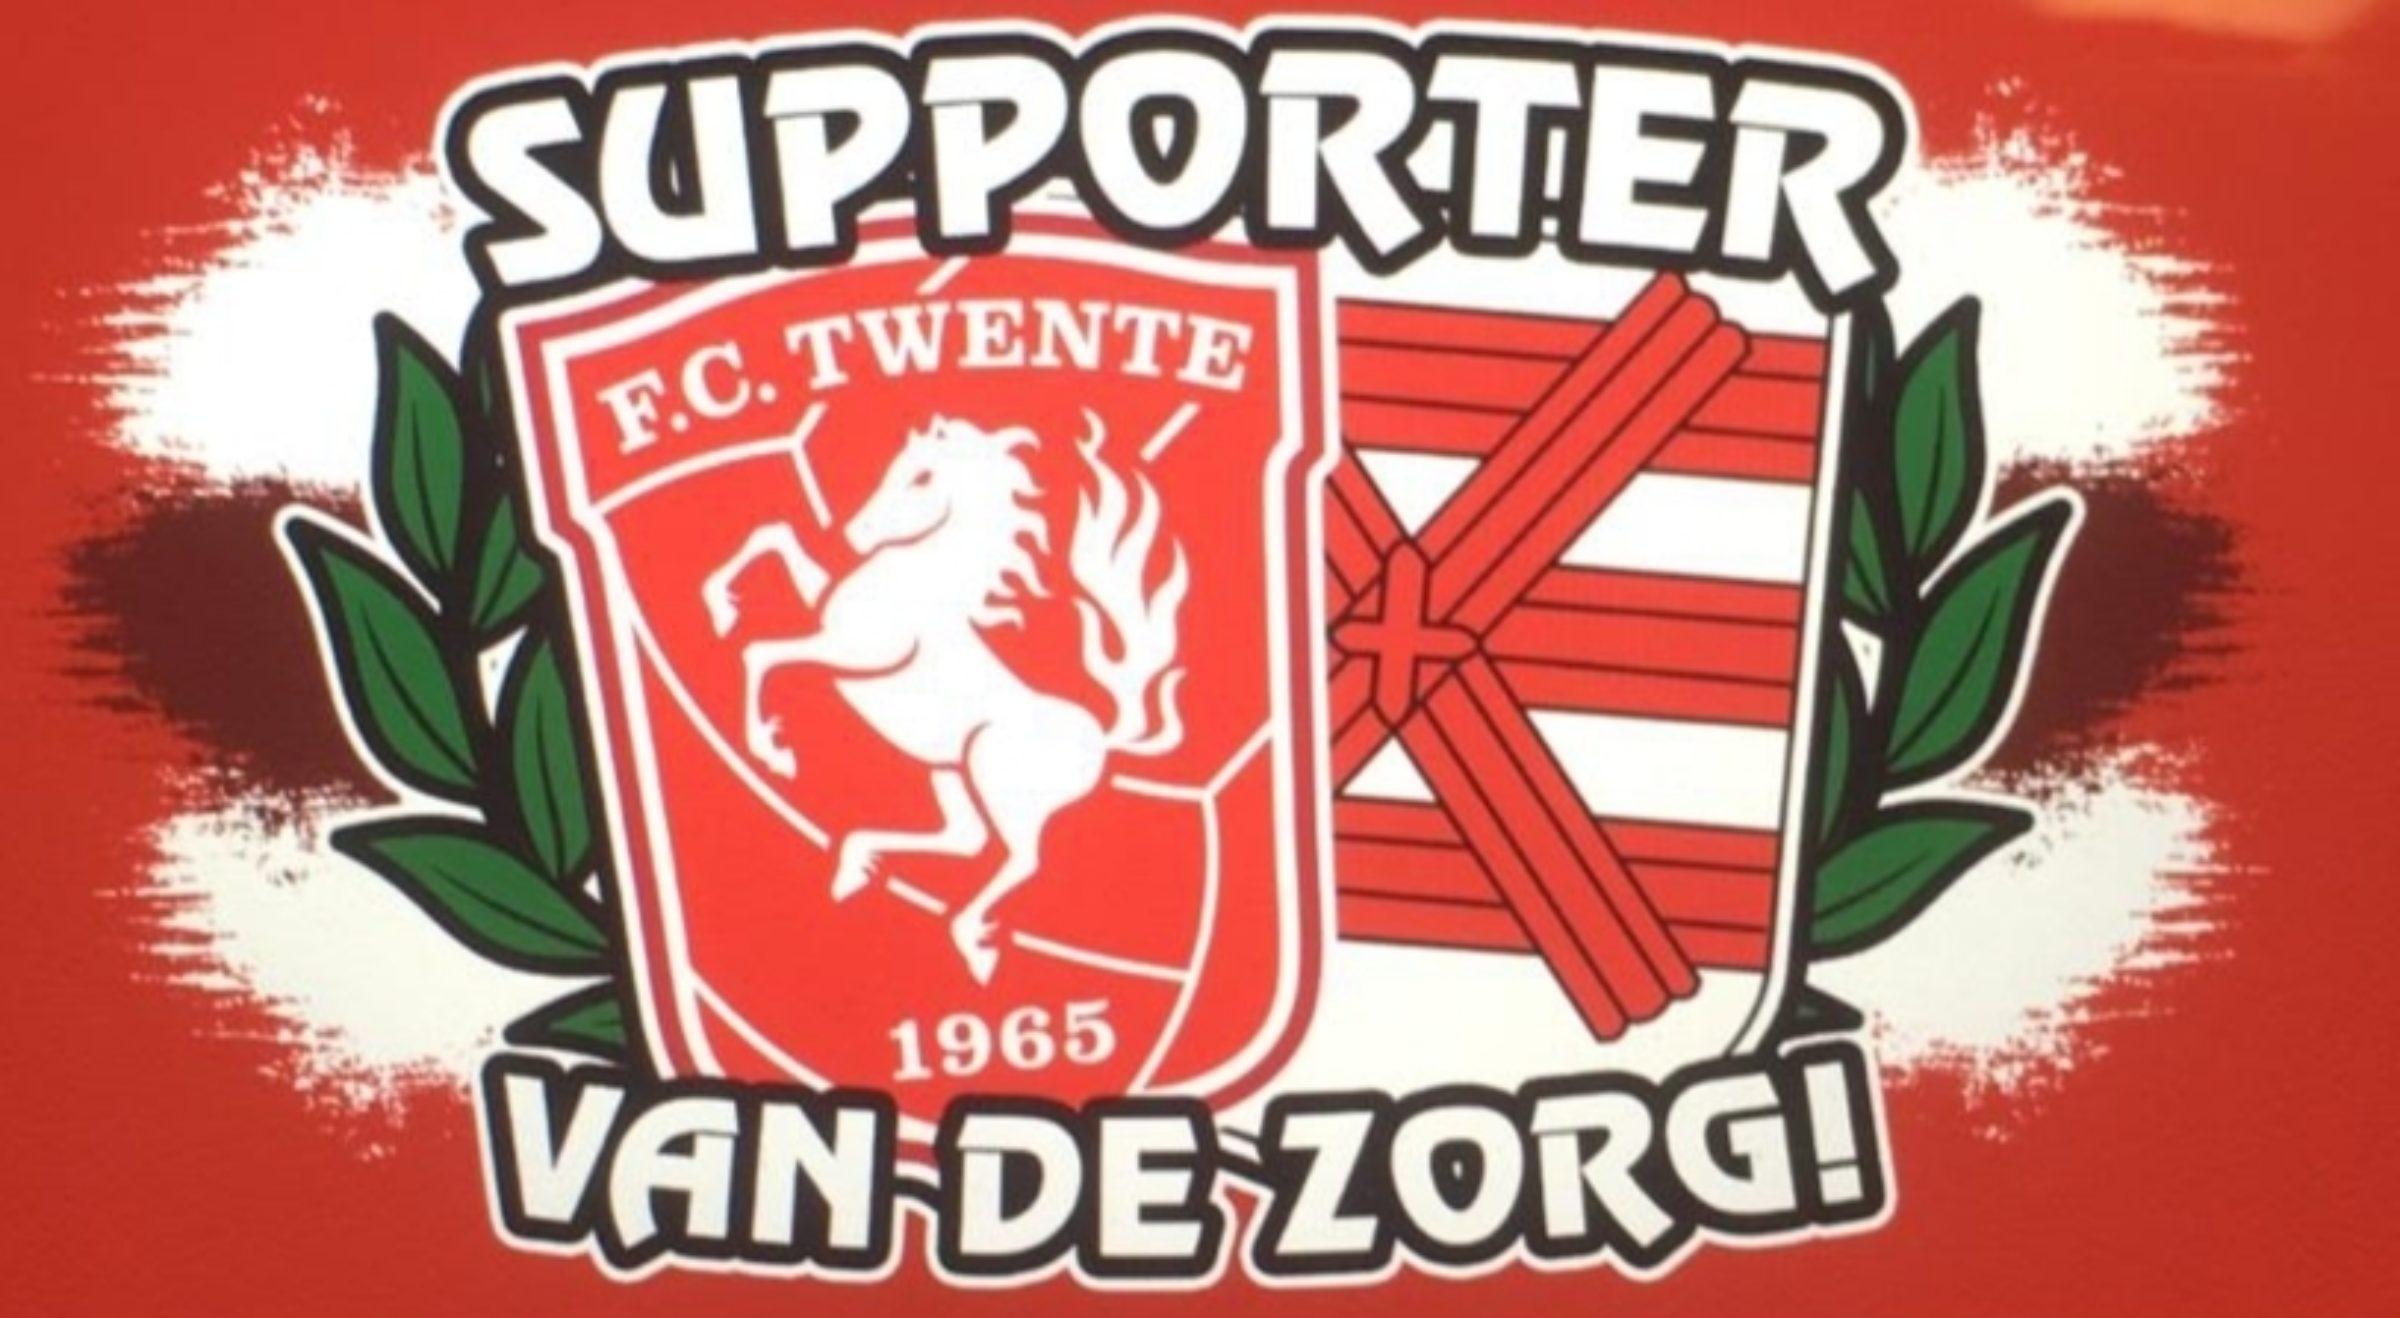 FC Twente Supporter voor de zorg